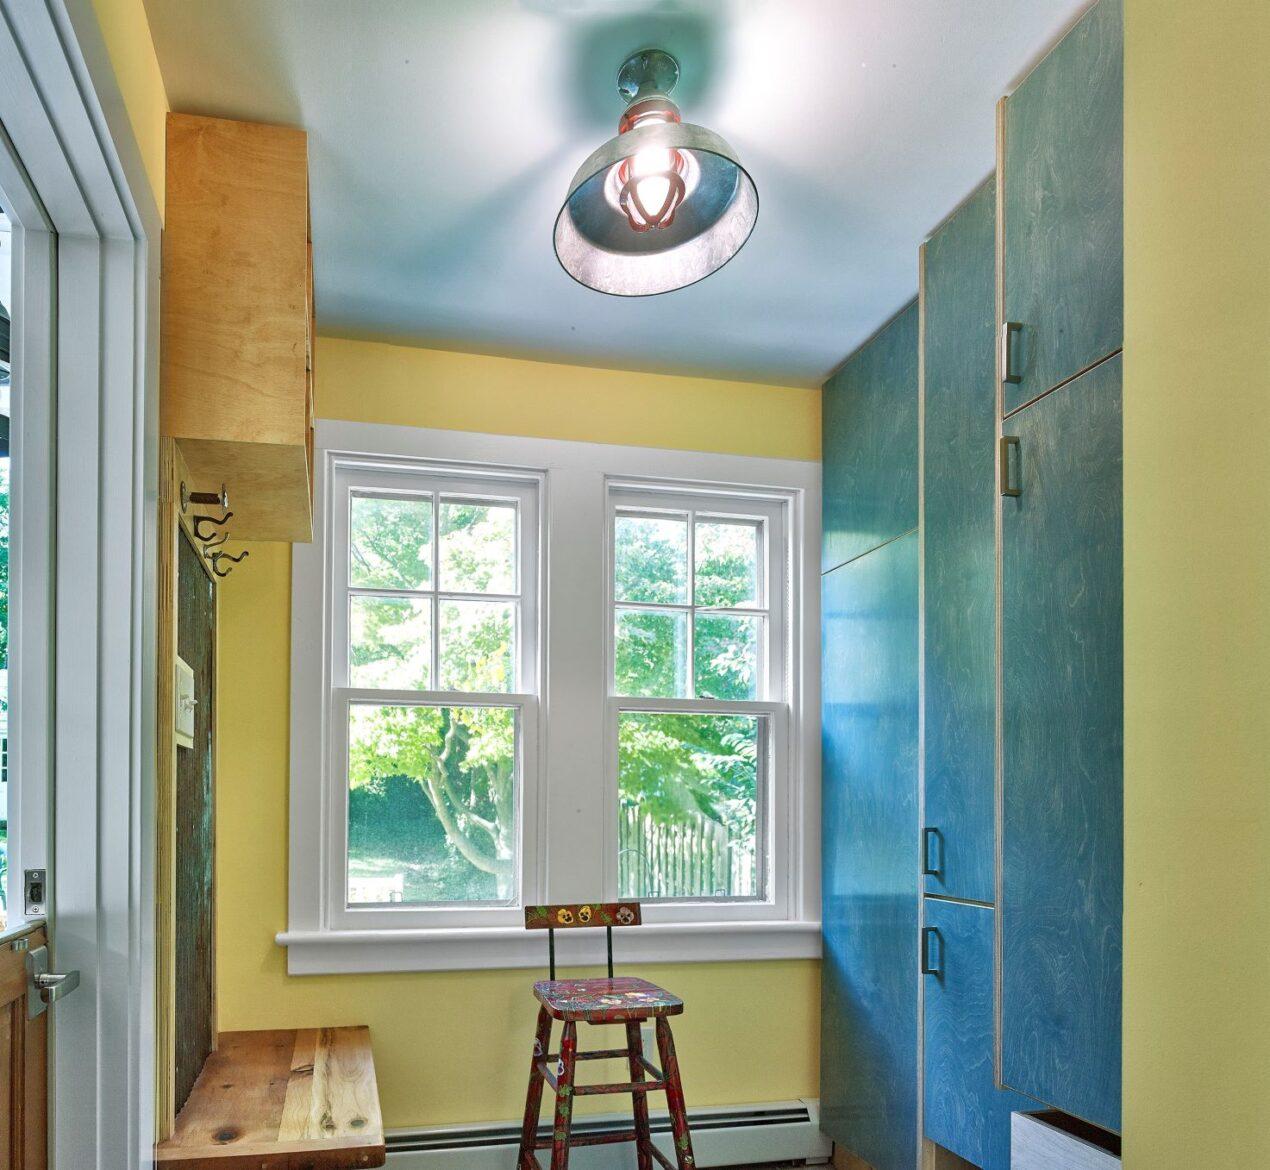 flush mount industrial ceiling light